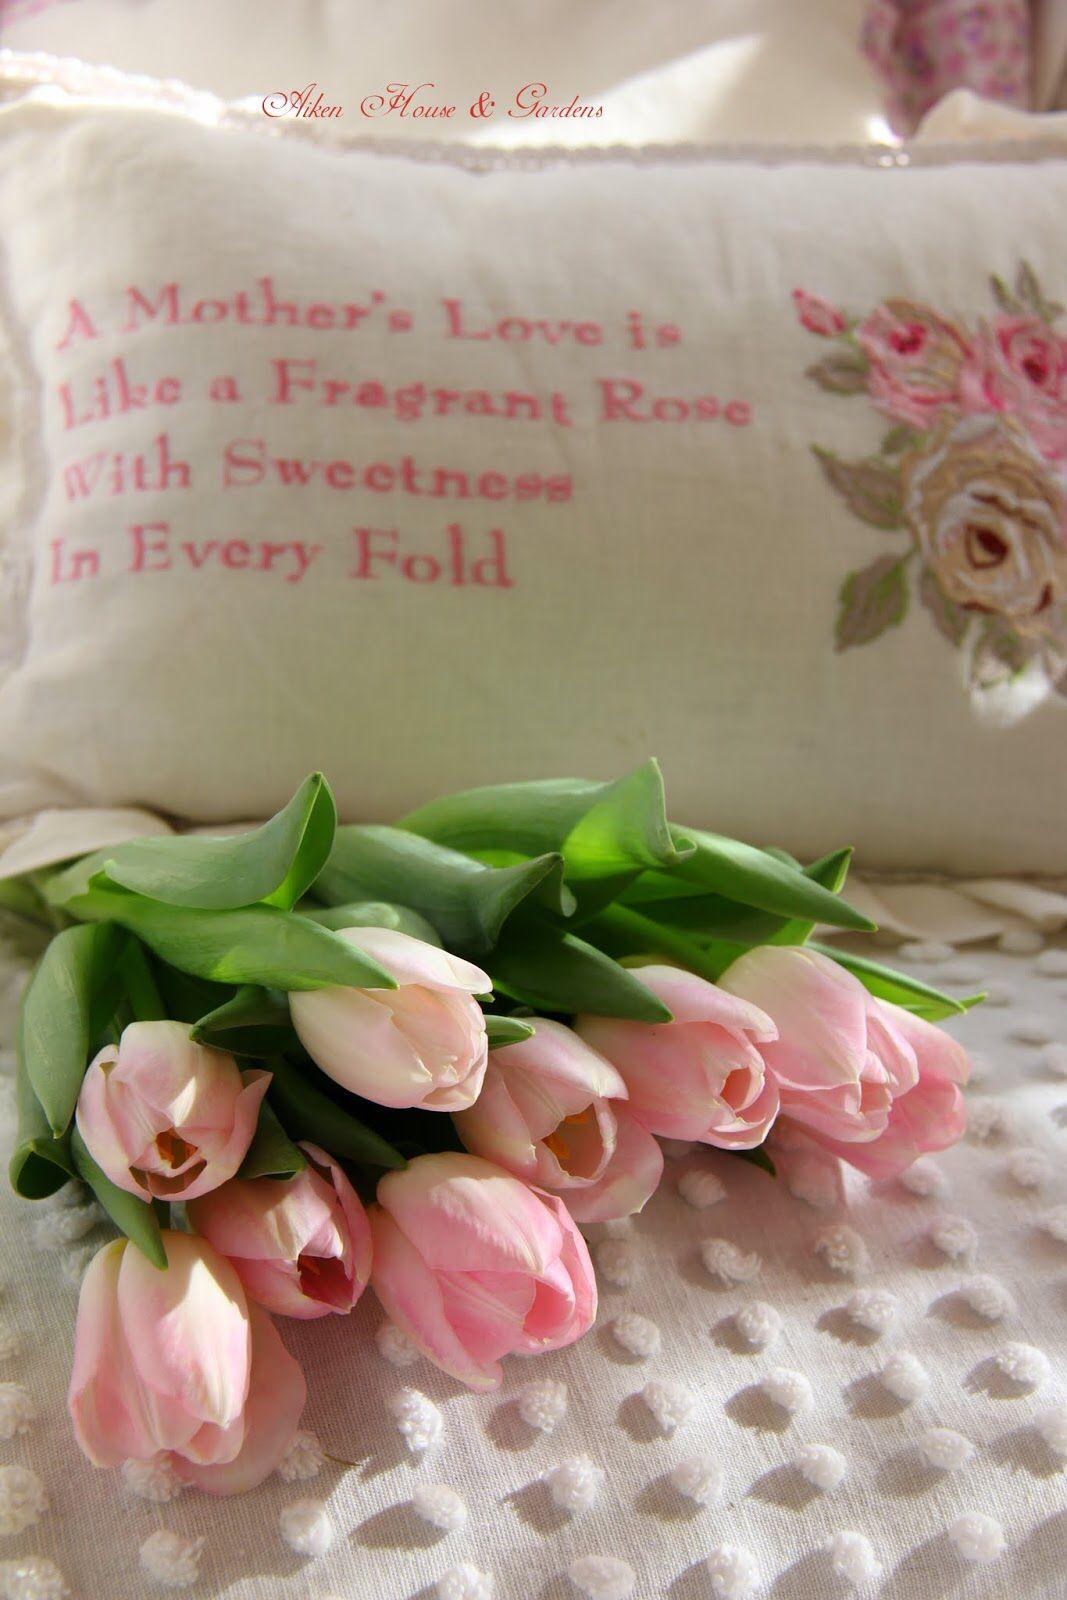 وهل هناك أعظم من حب الام عبقه ينتشر في كل مكان Pink Tulips Spring Tulips Rose Cottage